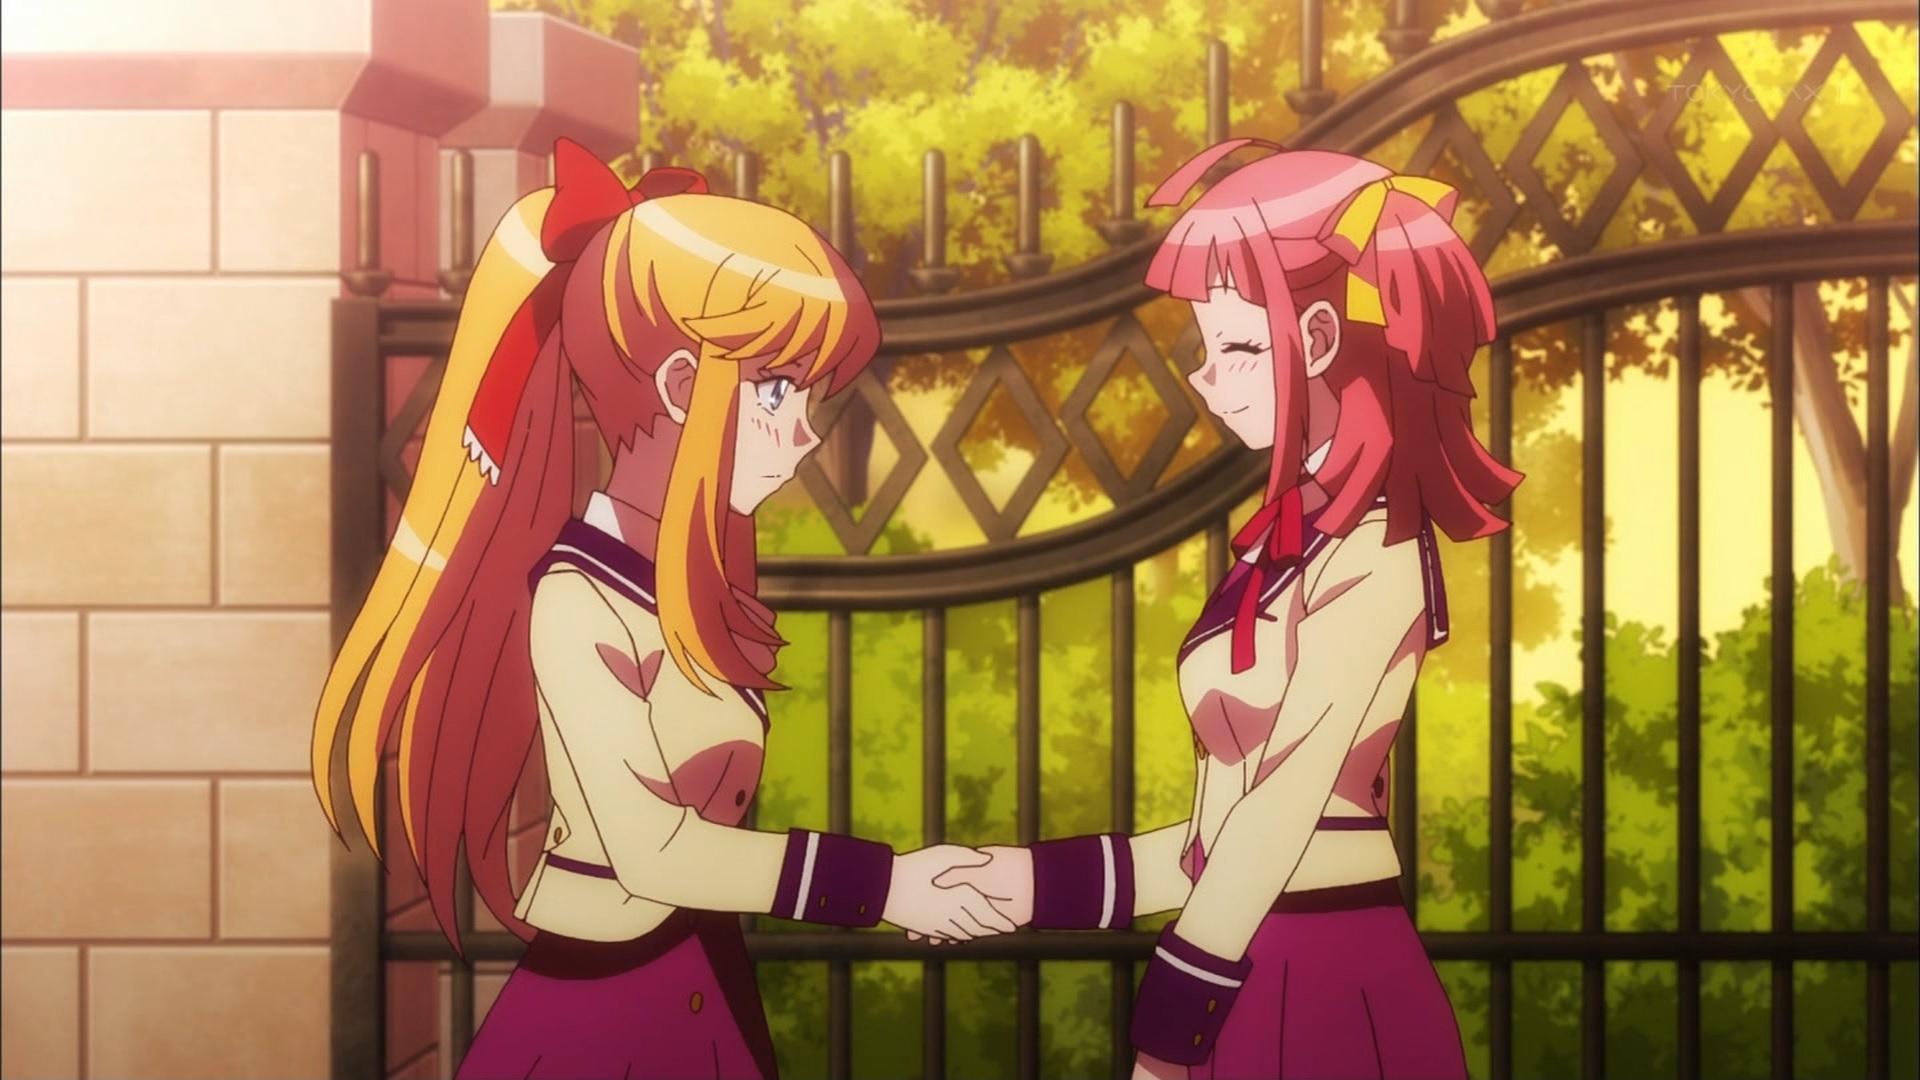 上井草アリスと阿佐ヶ谷みのあの握手